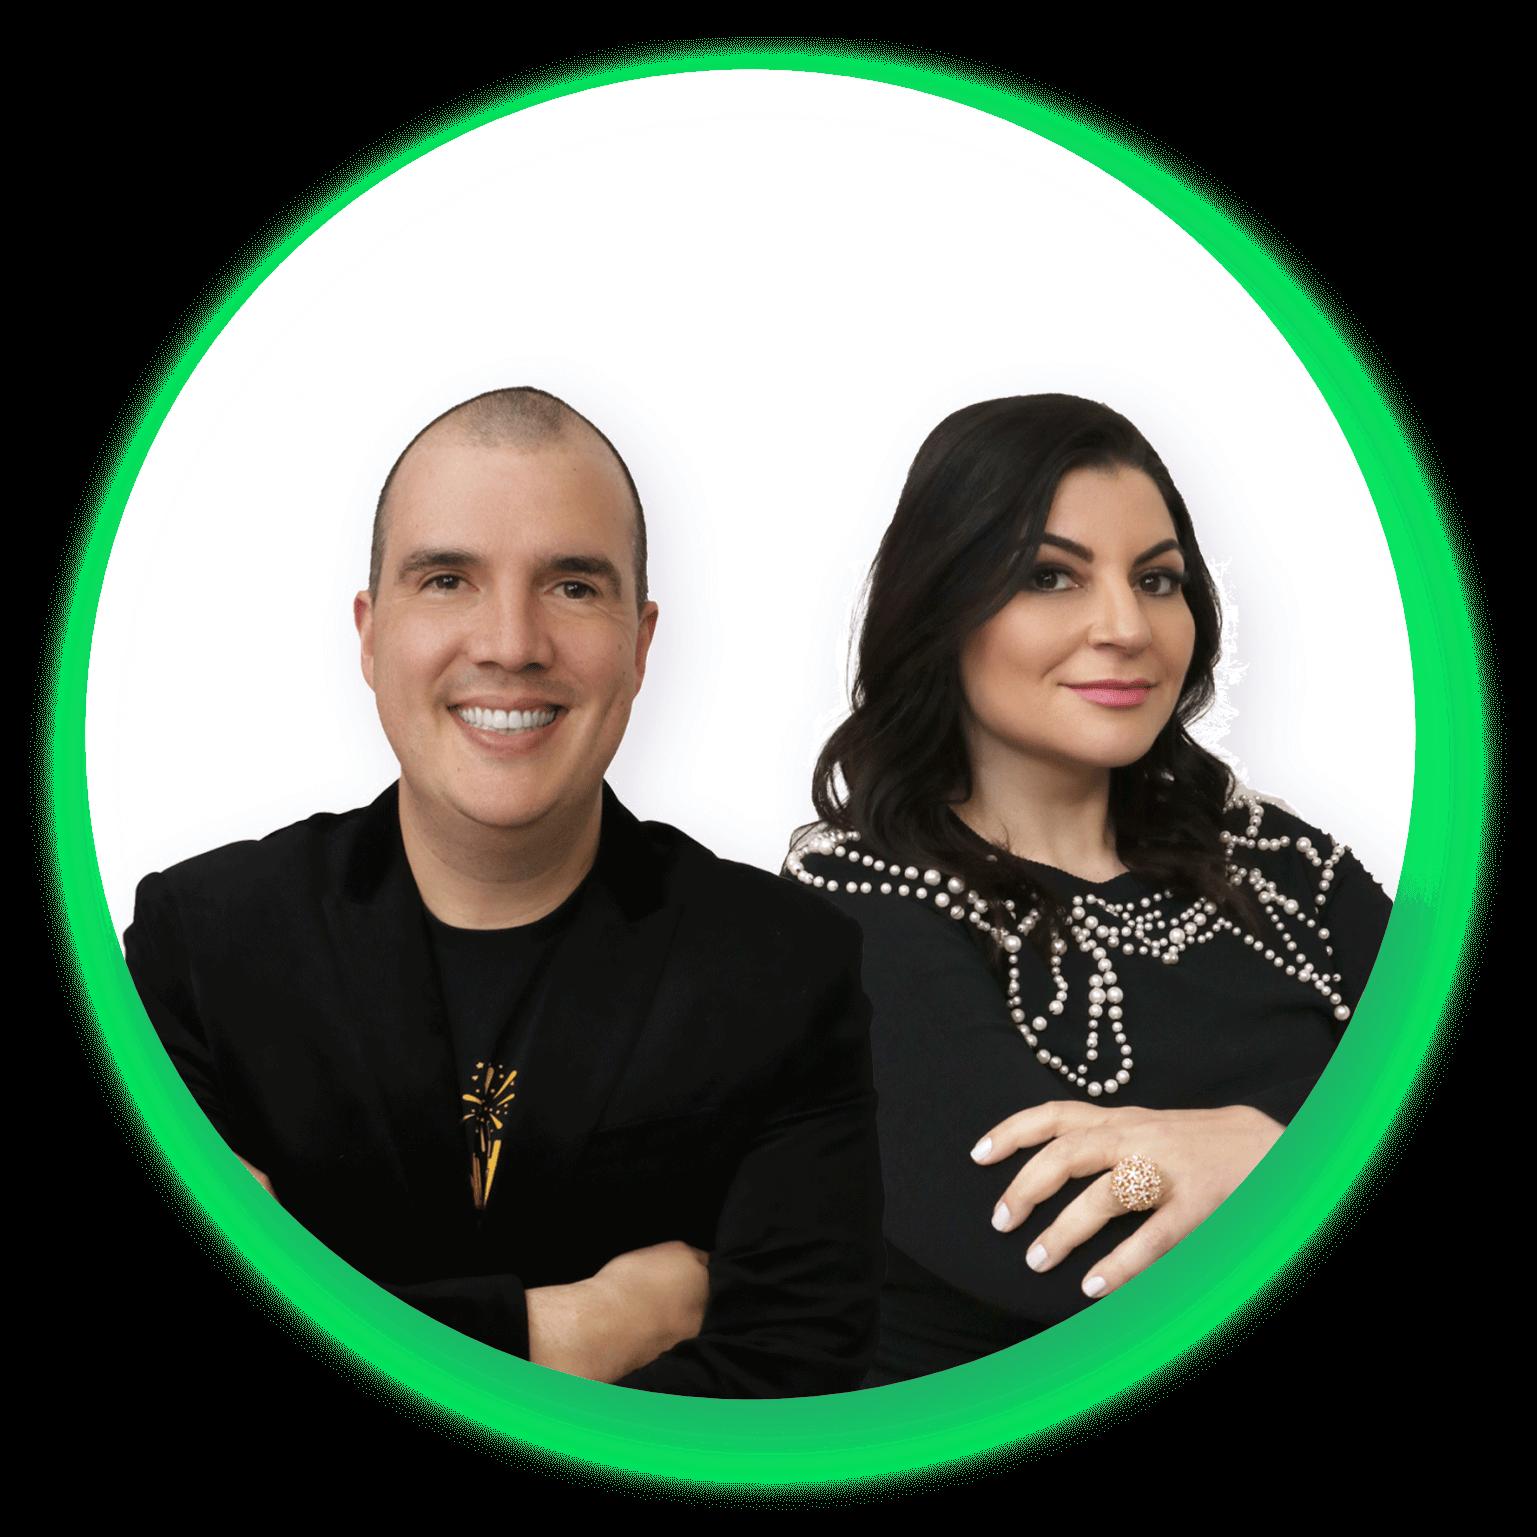 Criadores da Maratona da Riqueza - Bruno Gimenes e Patrícia Cândido